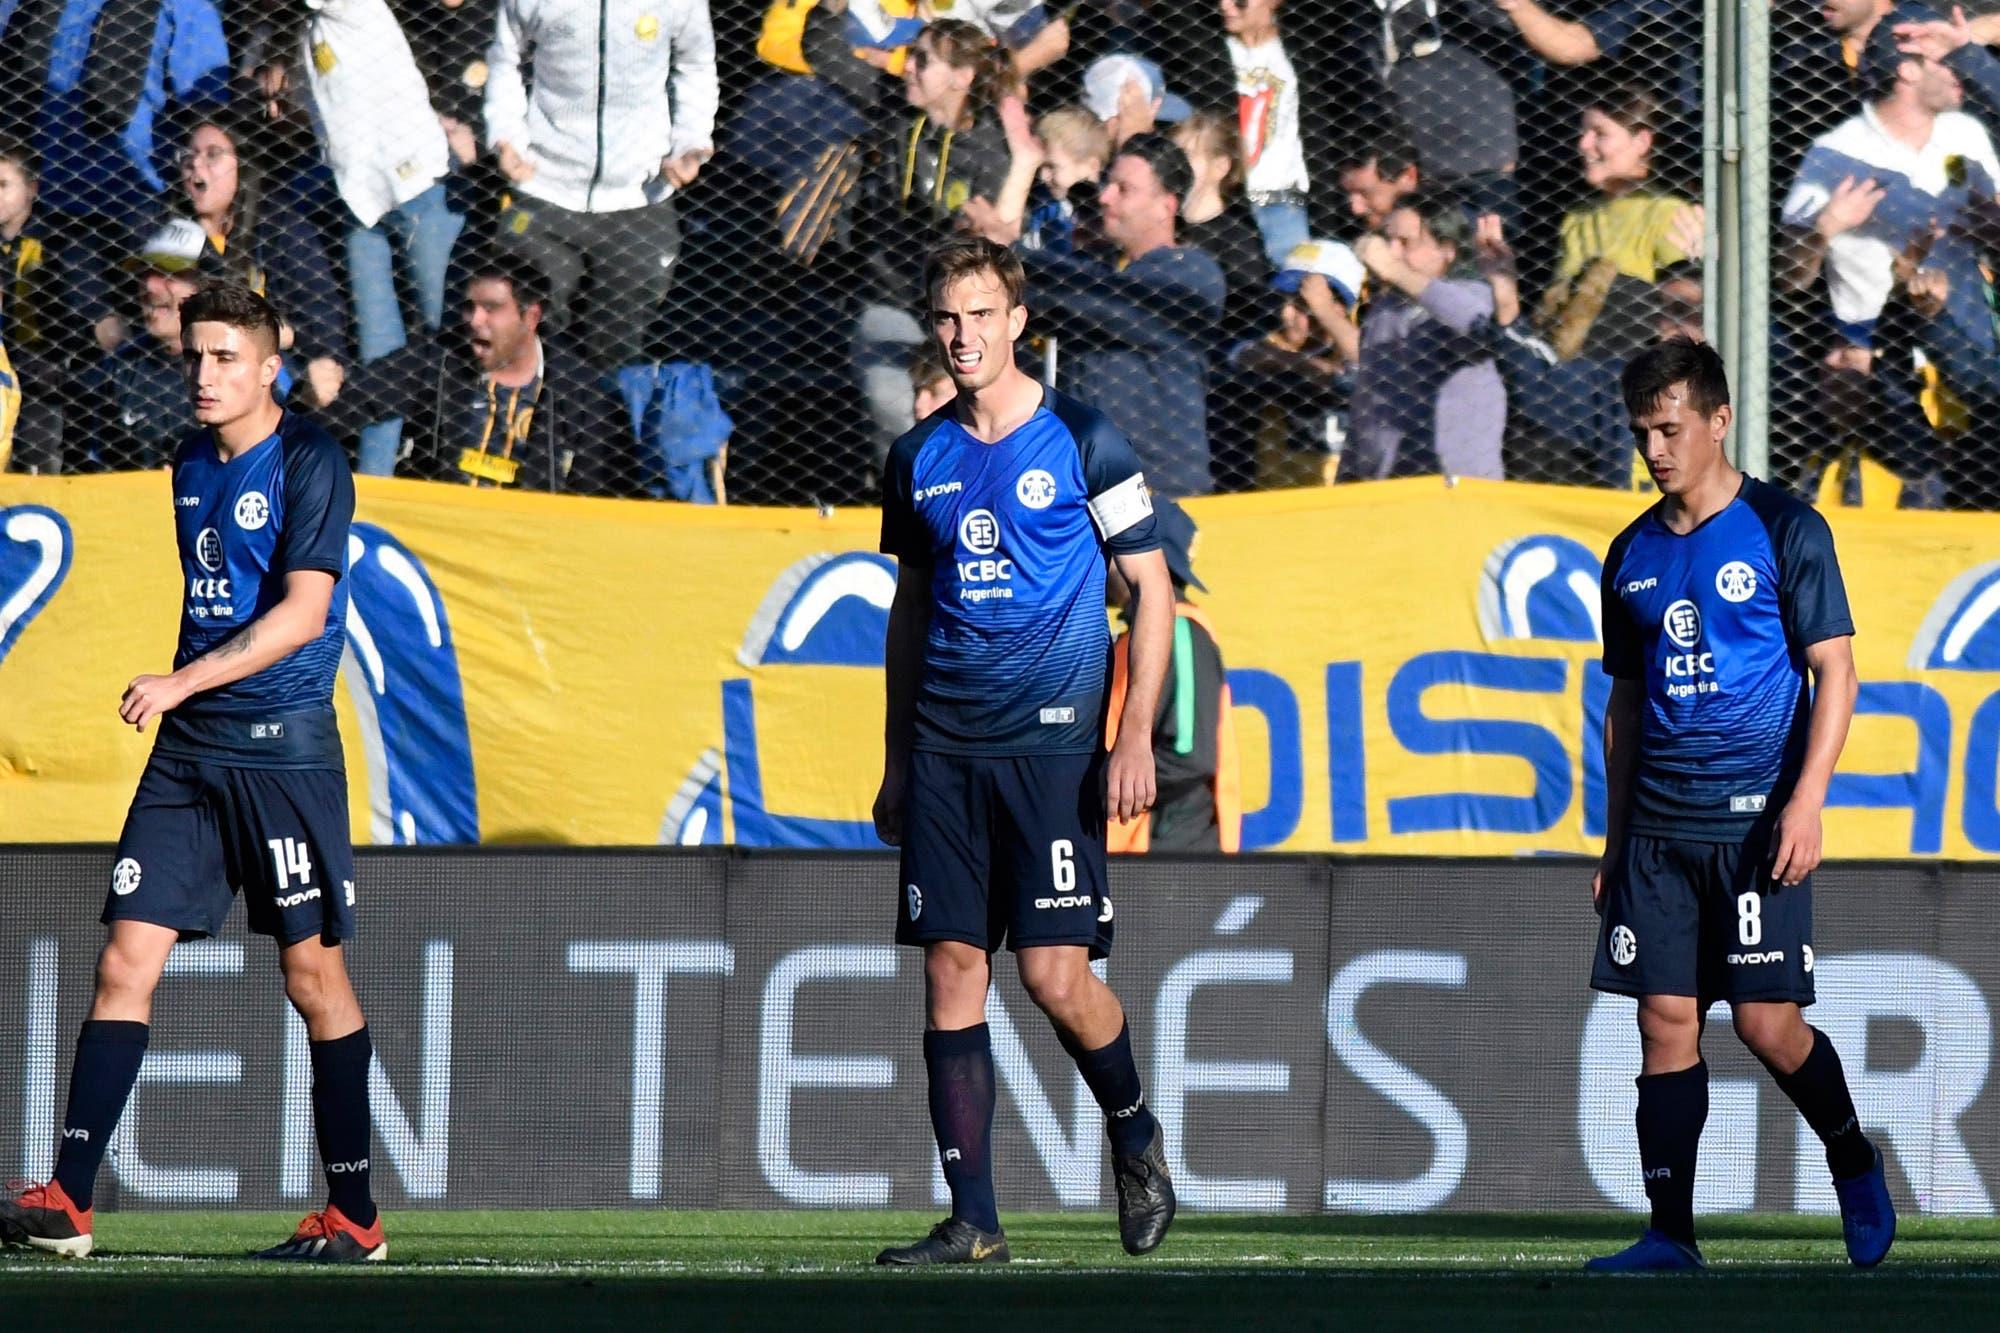 Talleres-Central Córdoba, por la Superliga: horario, TV y formaciones